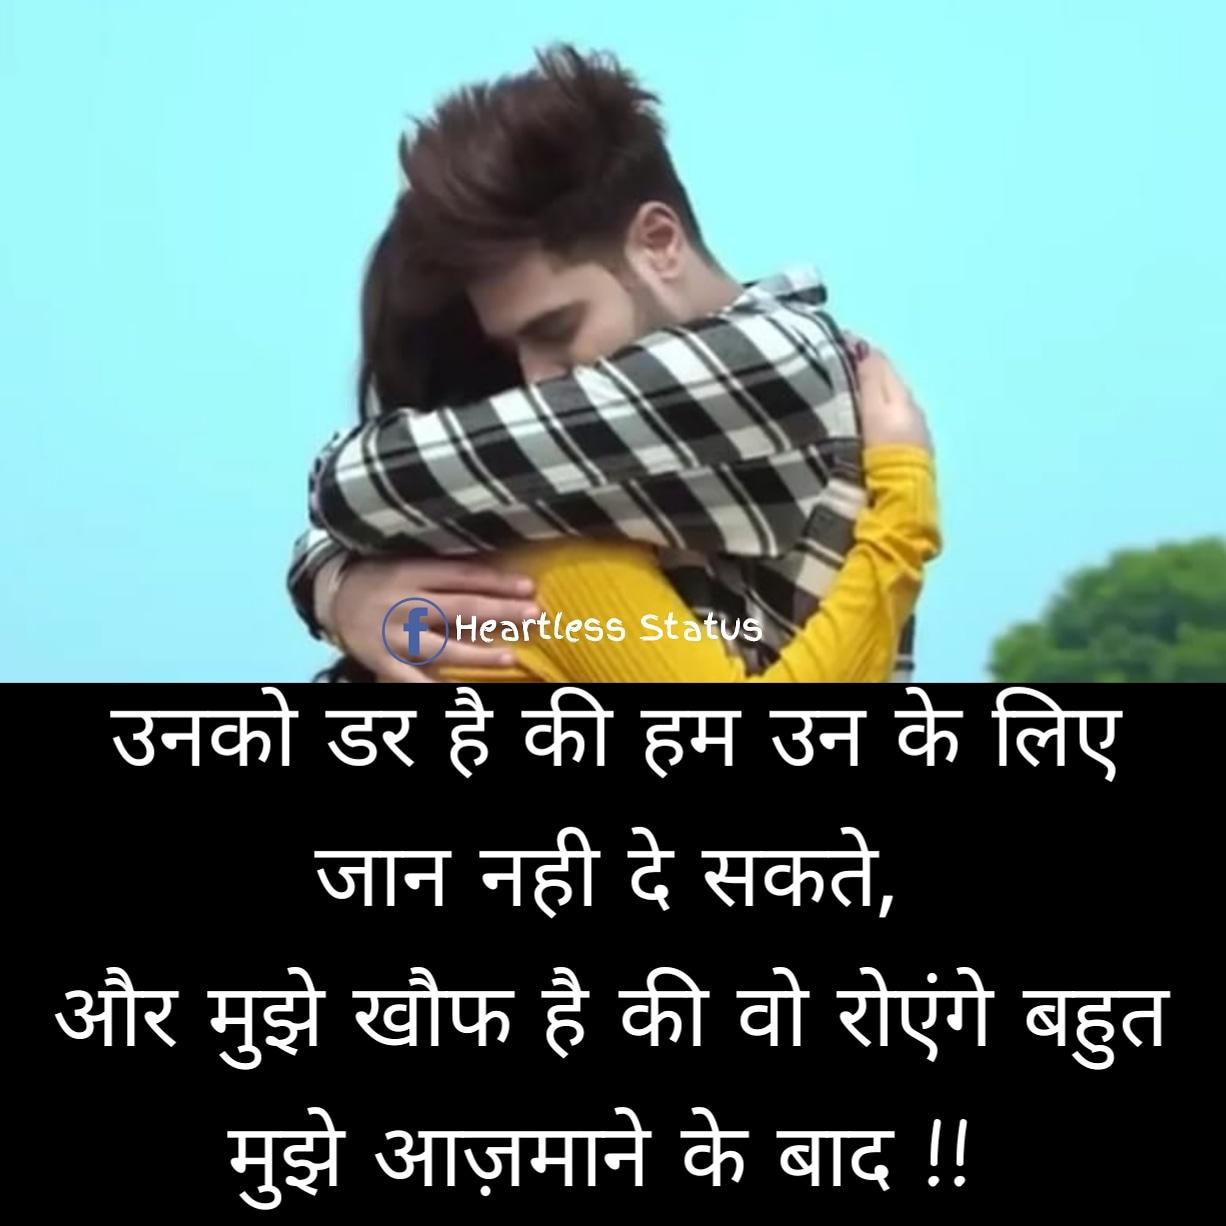 new whatsapp status image new hindi status